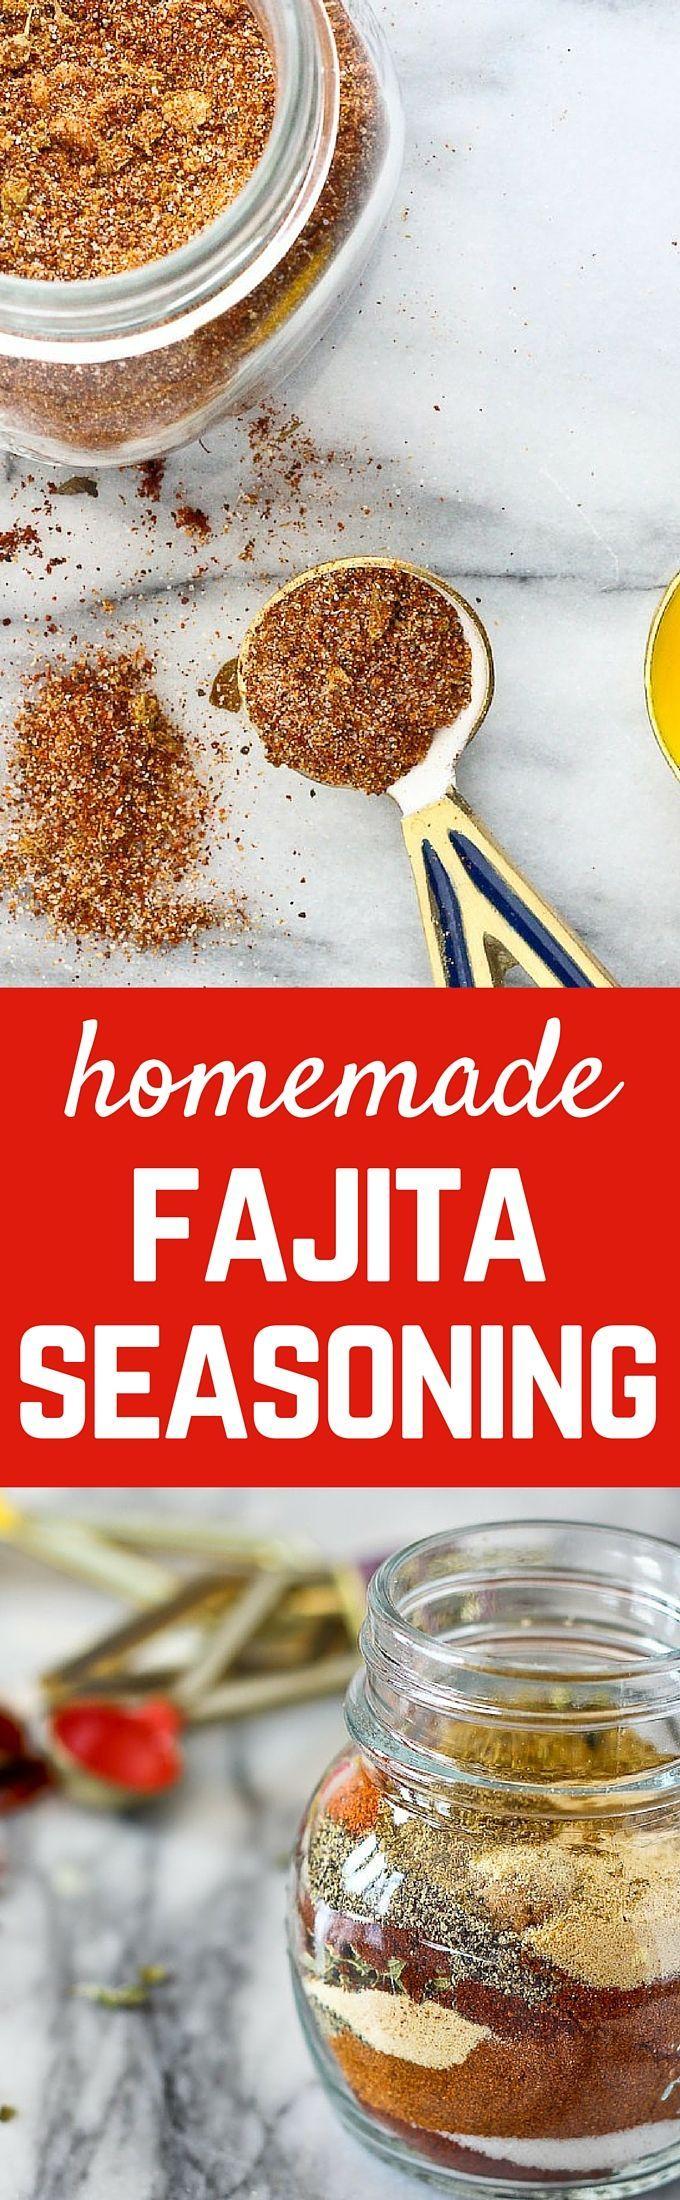 Fajita Seasoning (the best homemade recipe) - with Video!